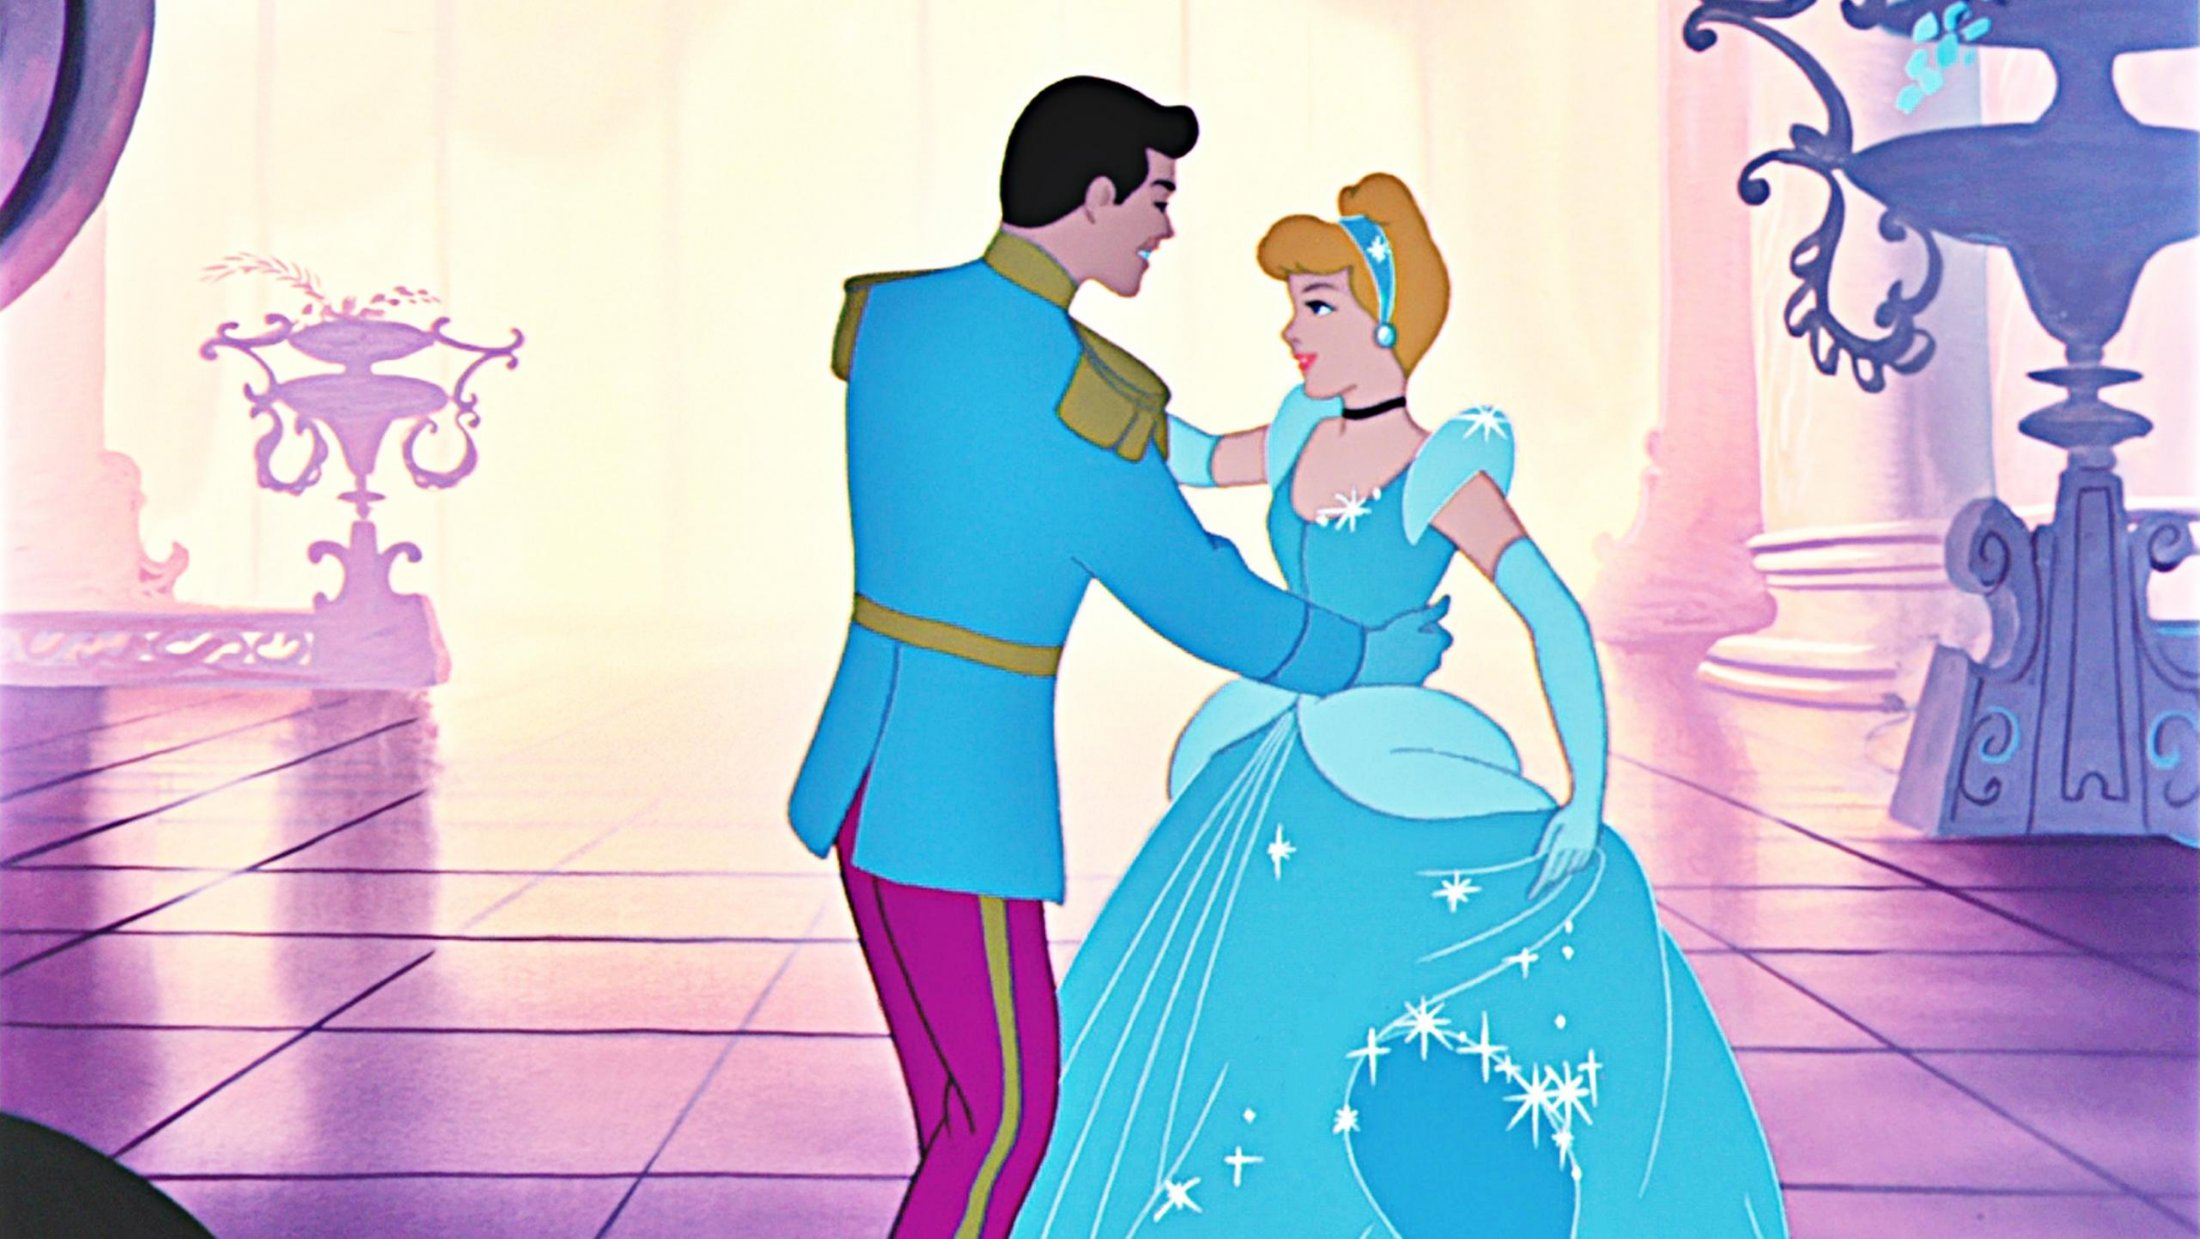 6977933 askepot i cinemateket 1 - Askepot Dvd - en Disney klassiker